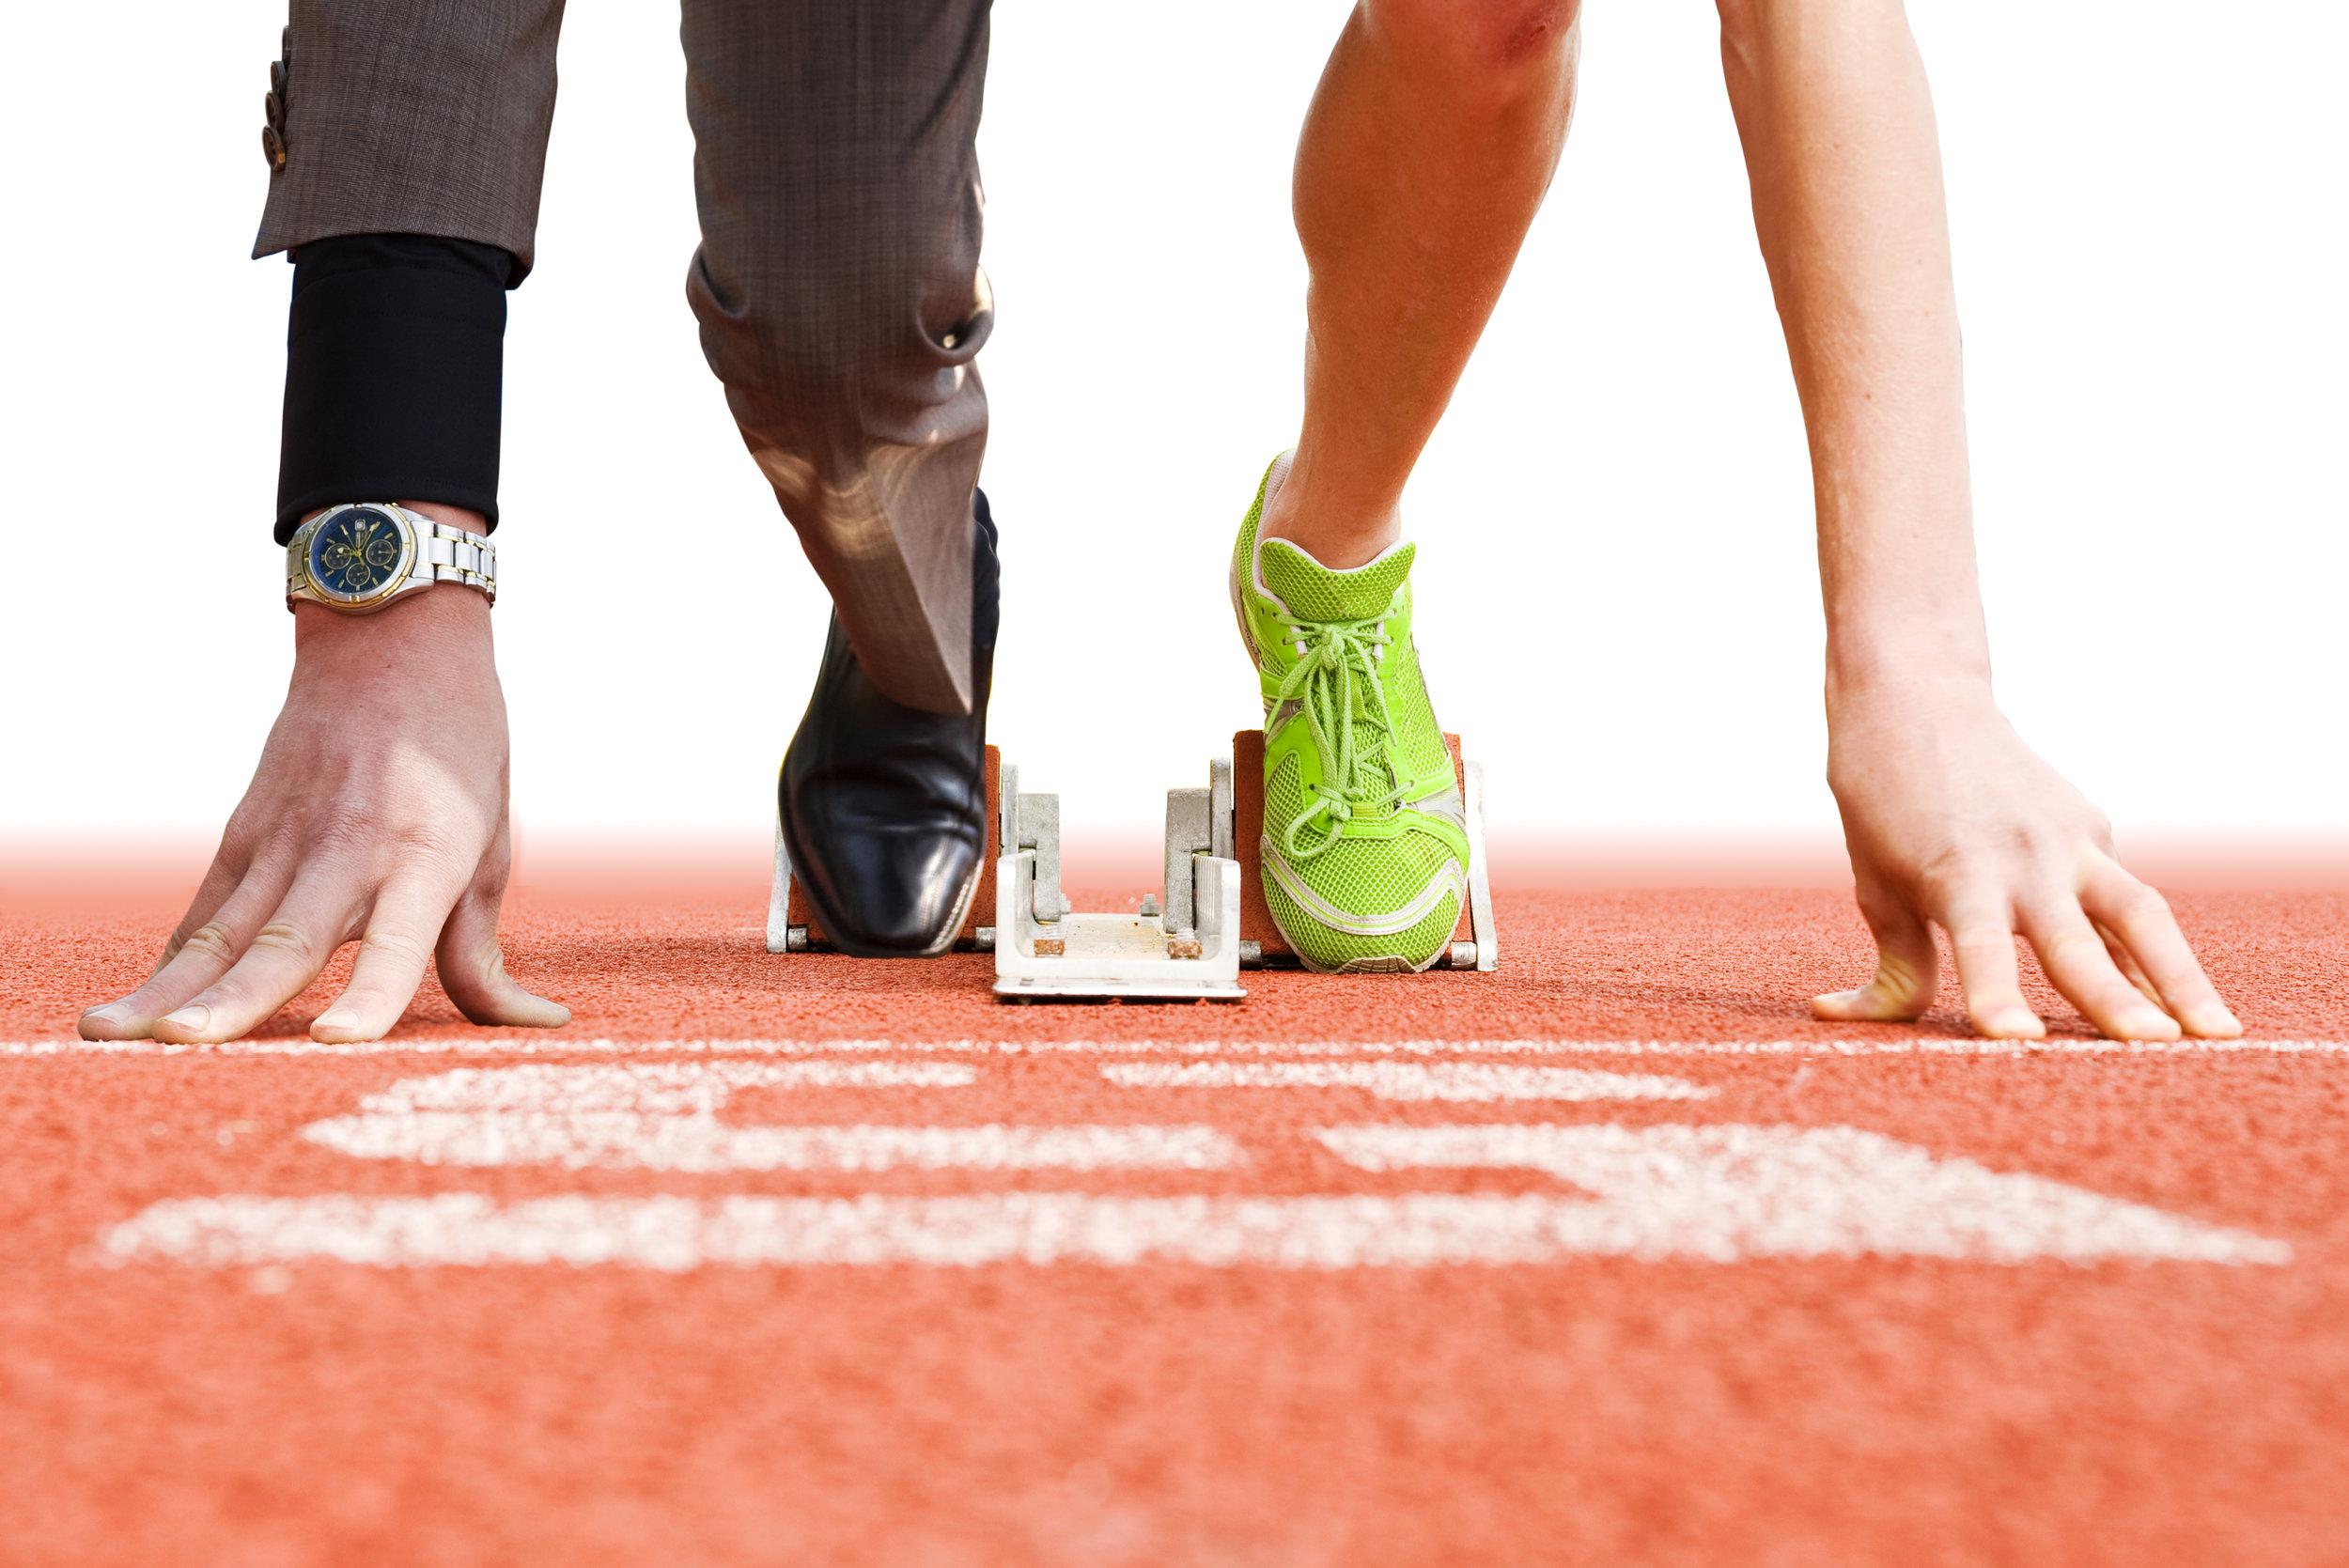 half suit half athlete On the Track.jpg